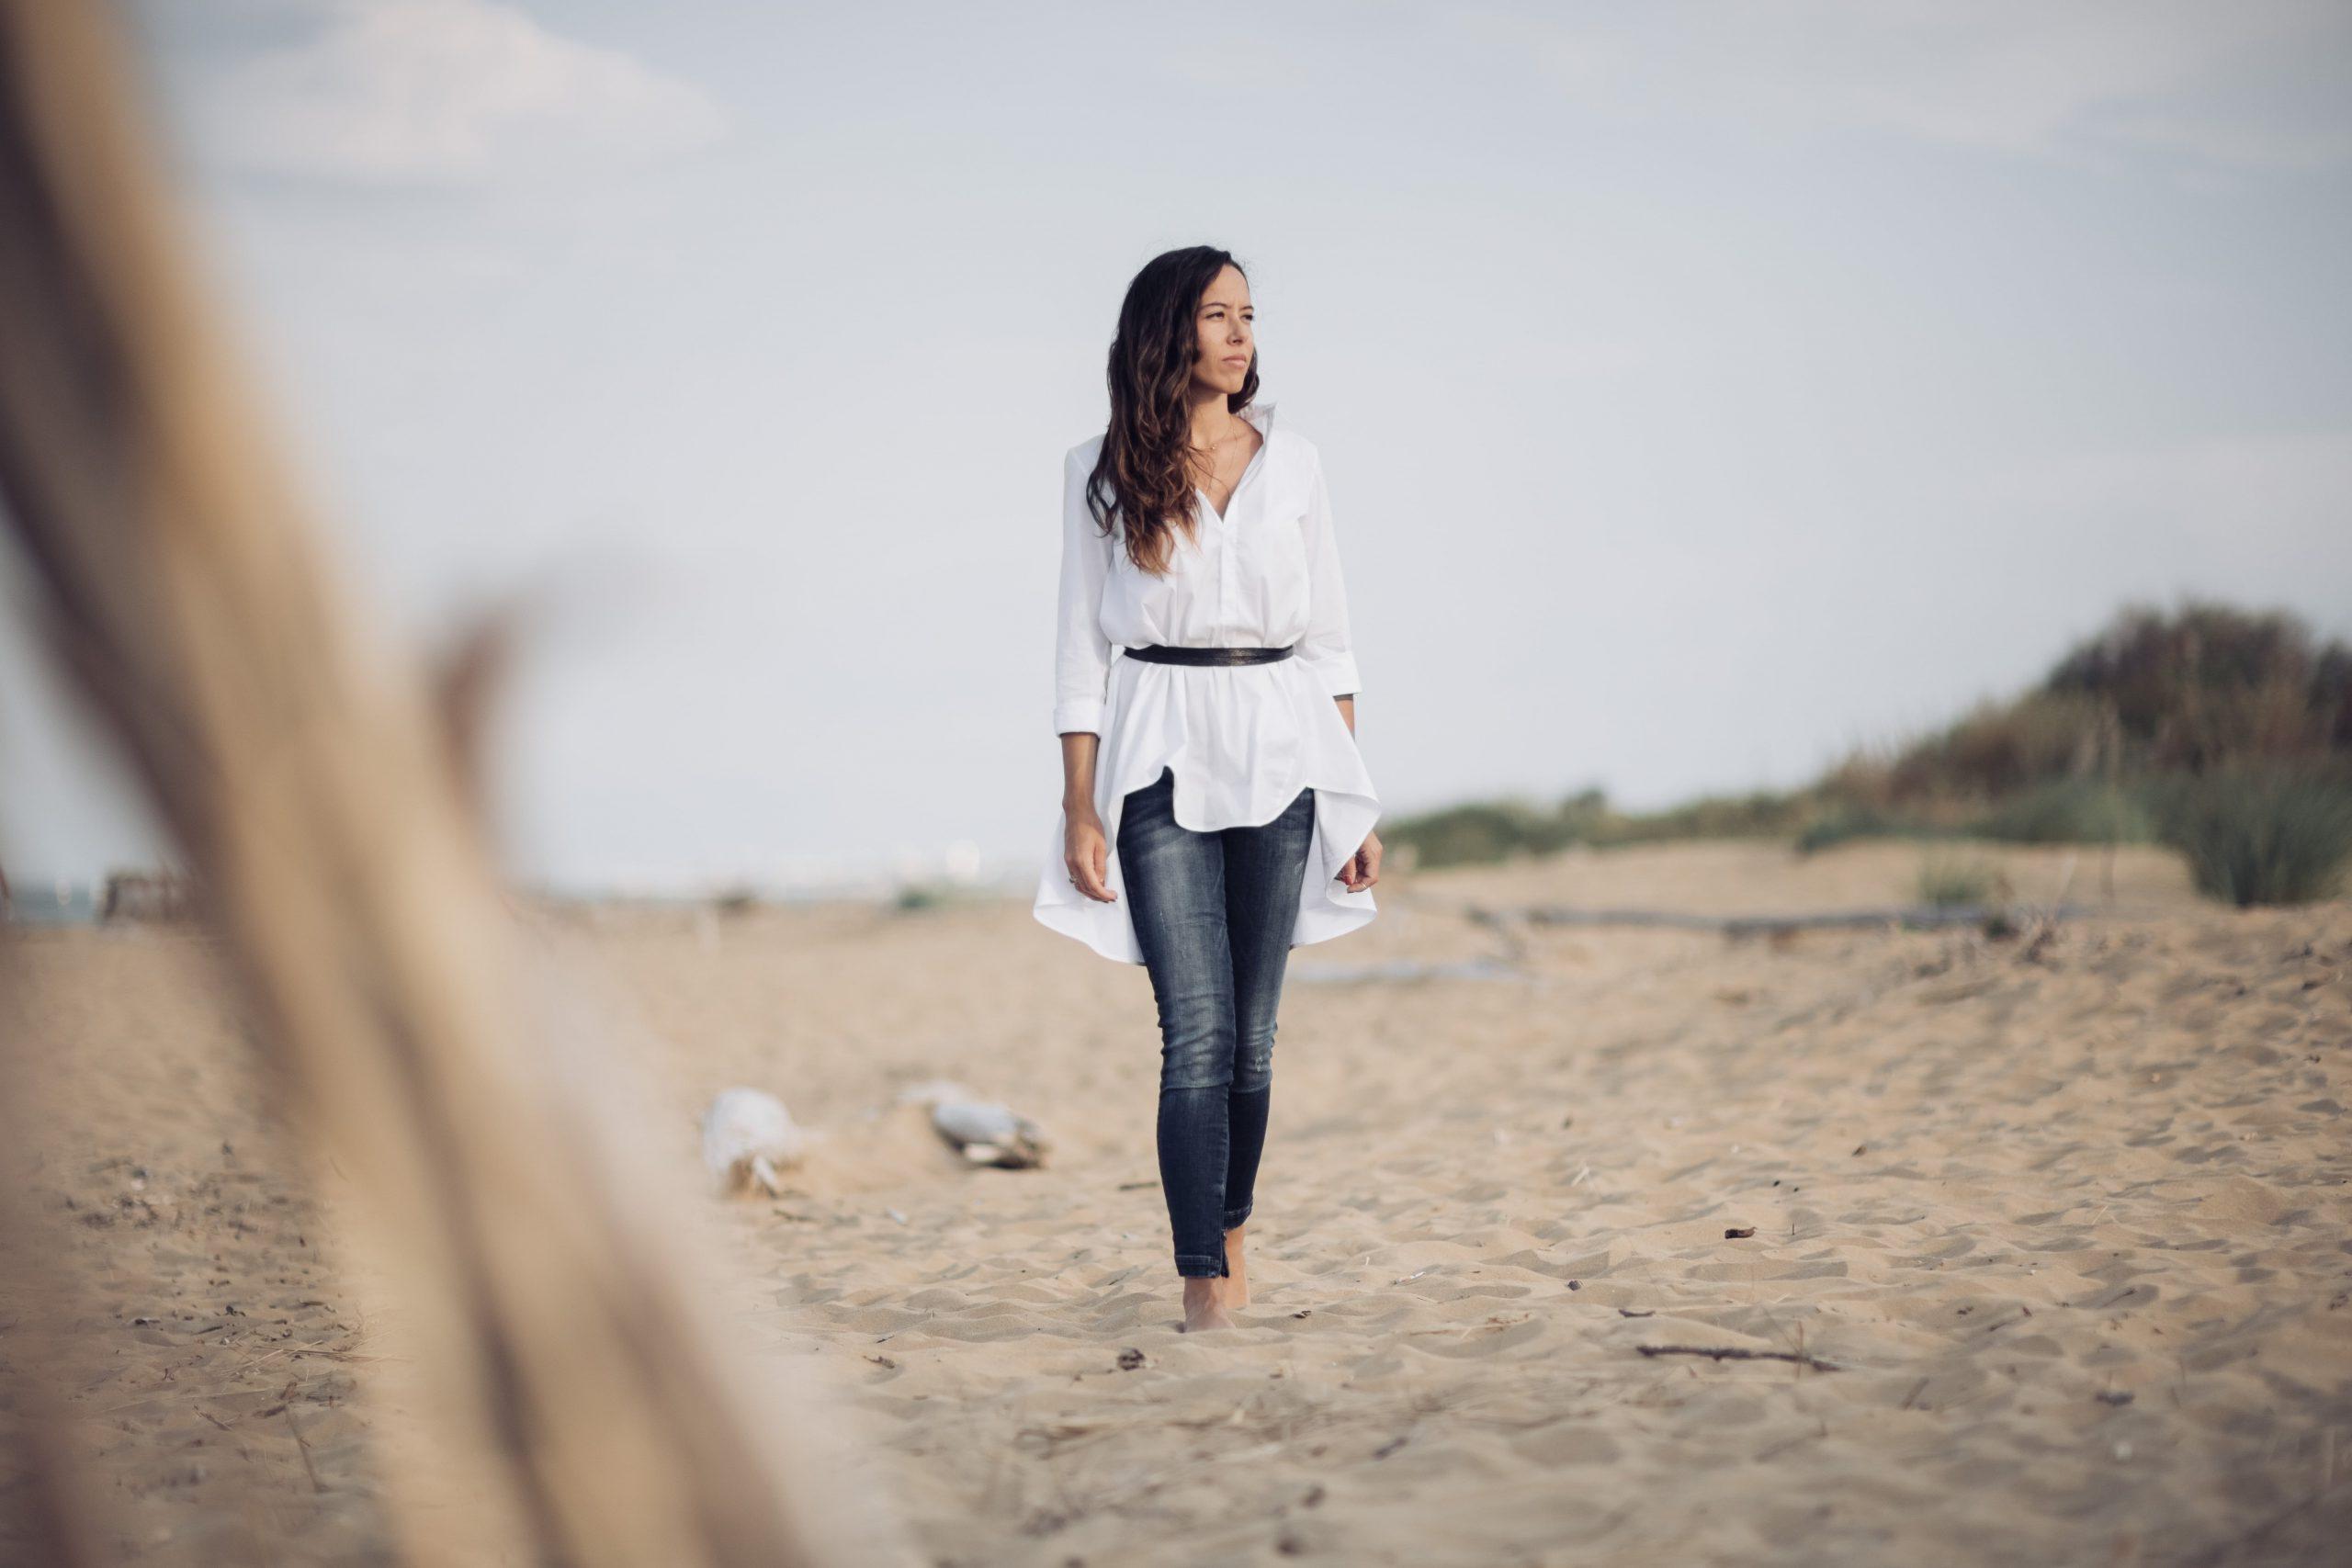 L'immagine rappresenta Arianna Reguzzoni Life Coach a figura intera che cammina sulla spiaggia guardando verso il mare. Indossa una camicia bianca lunga con una cintura nera in vita e jeans scuri.